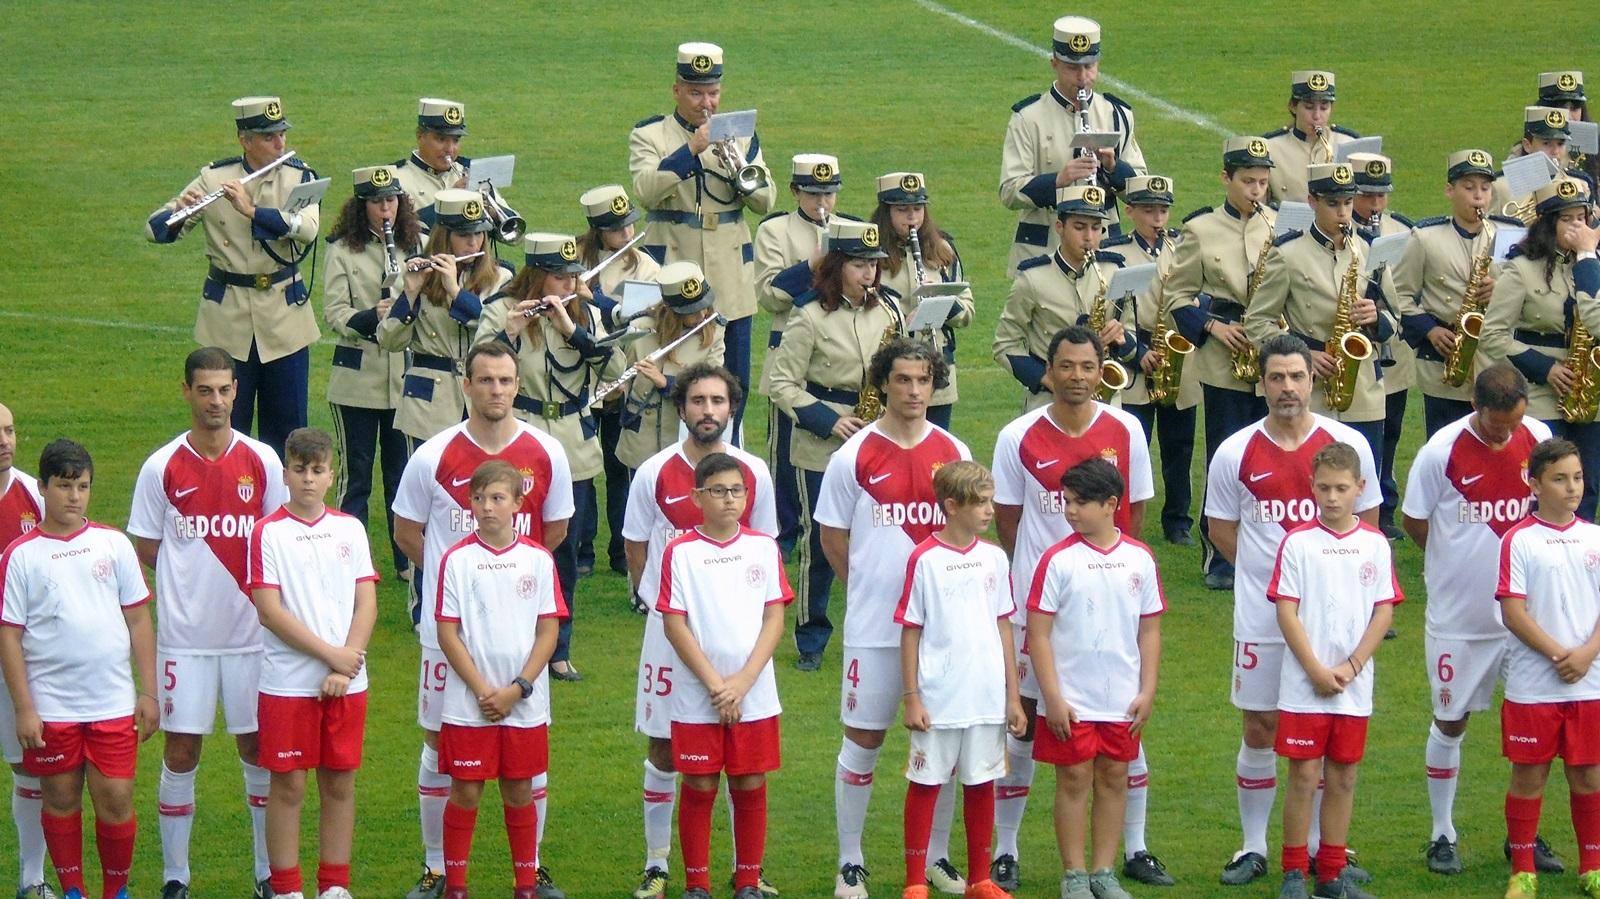 41_Greek All Stars vs Monaco